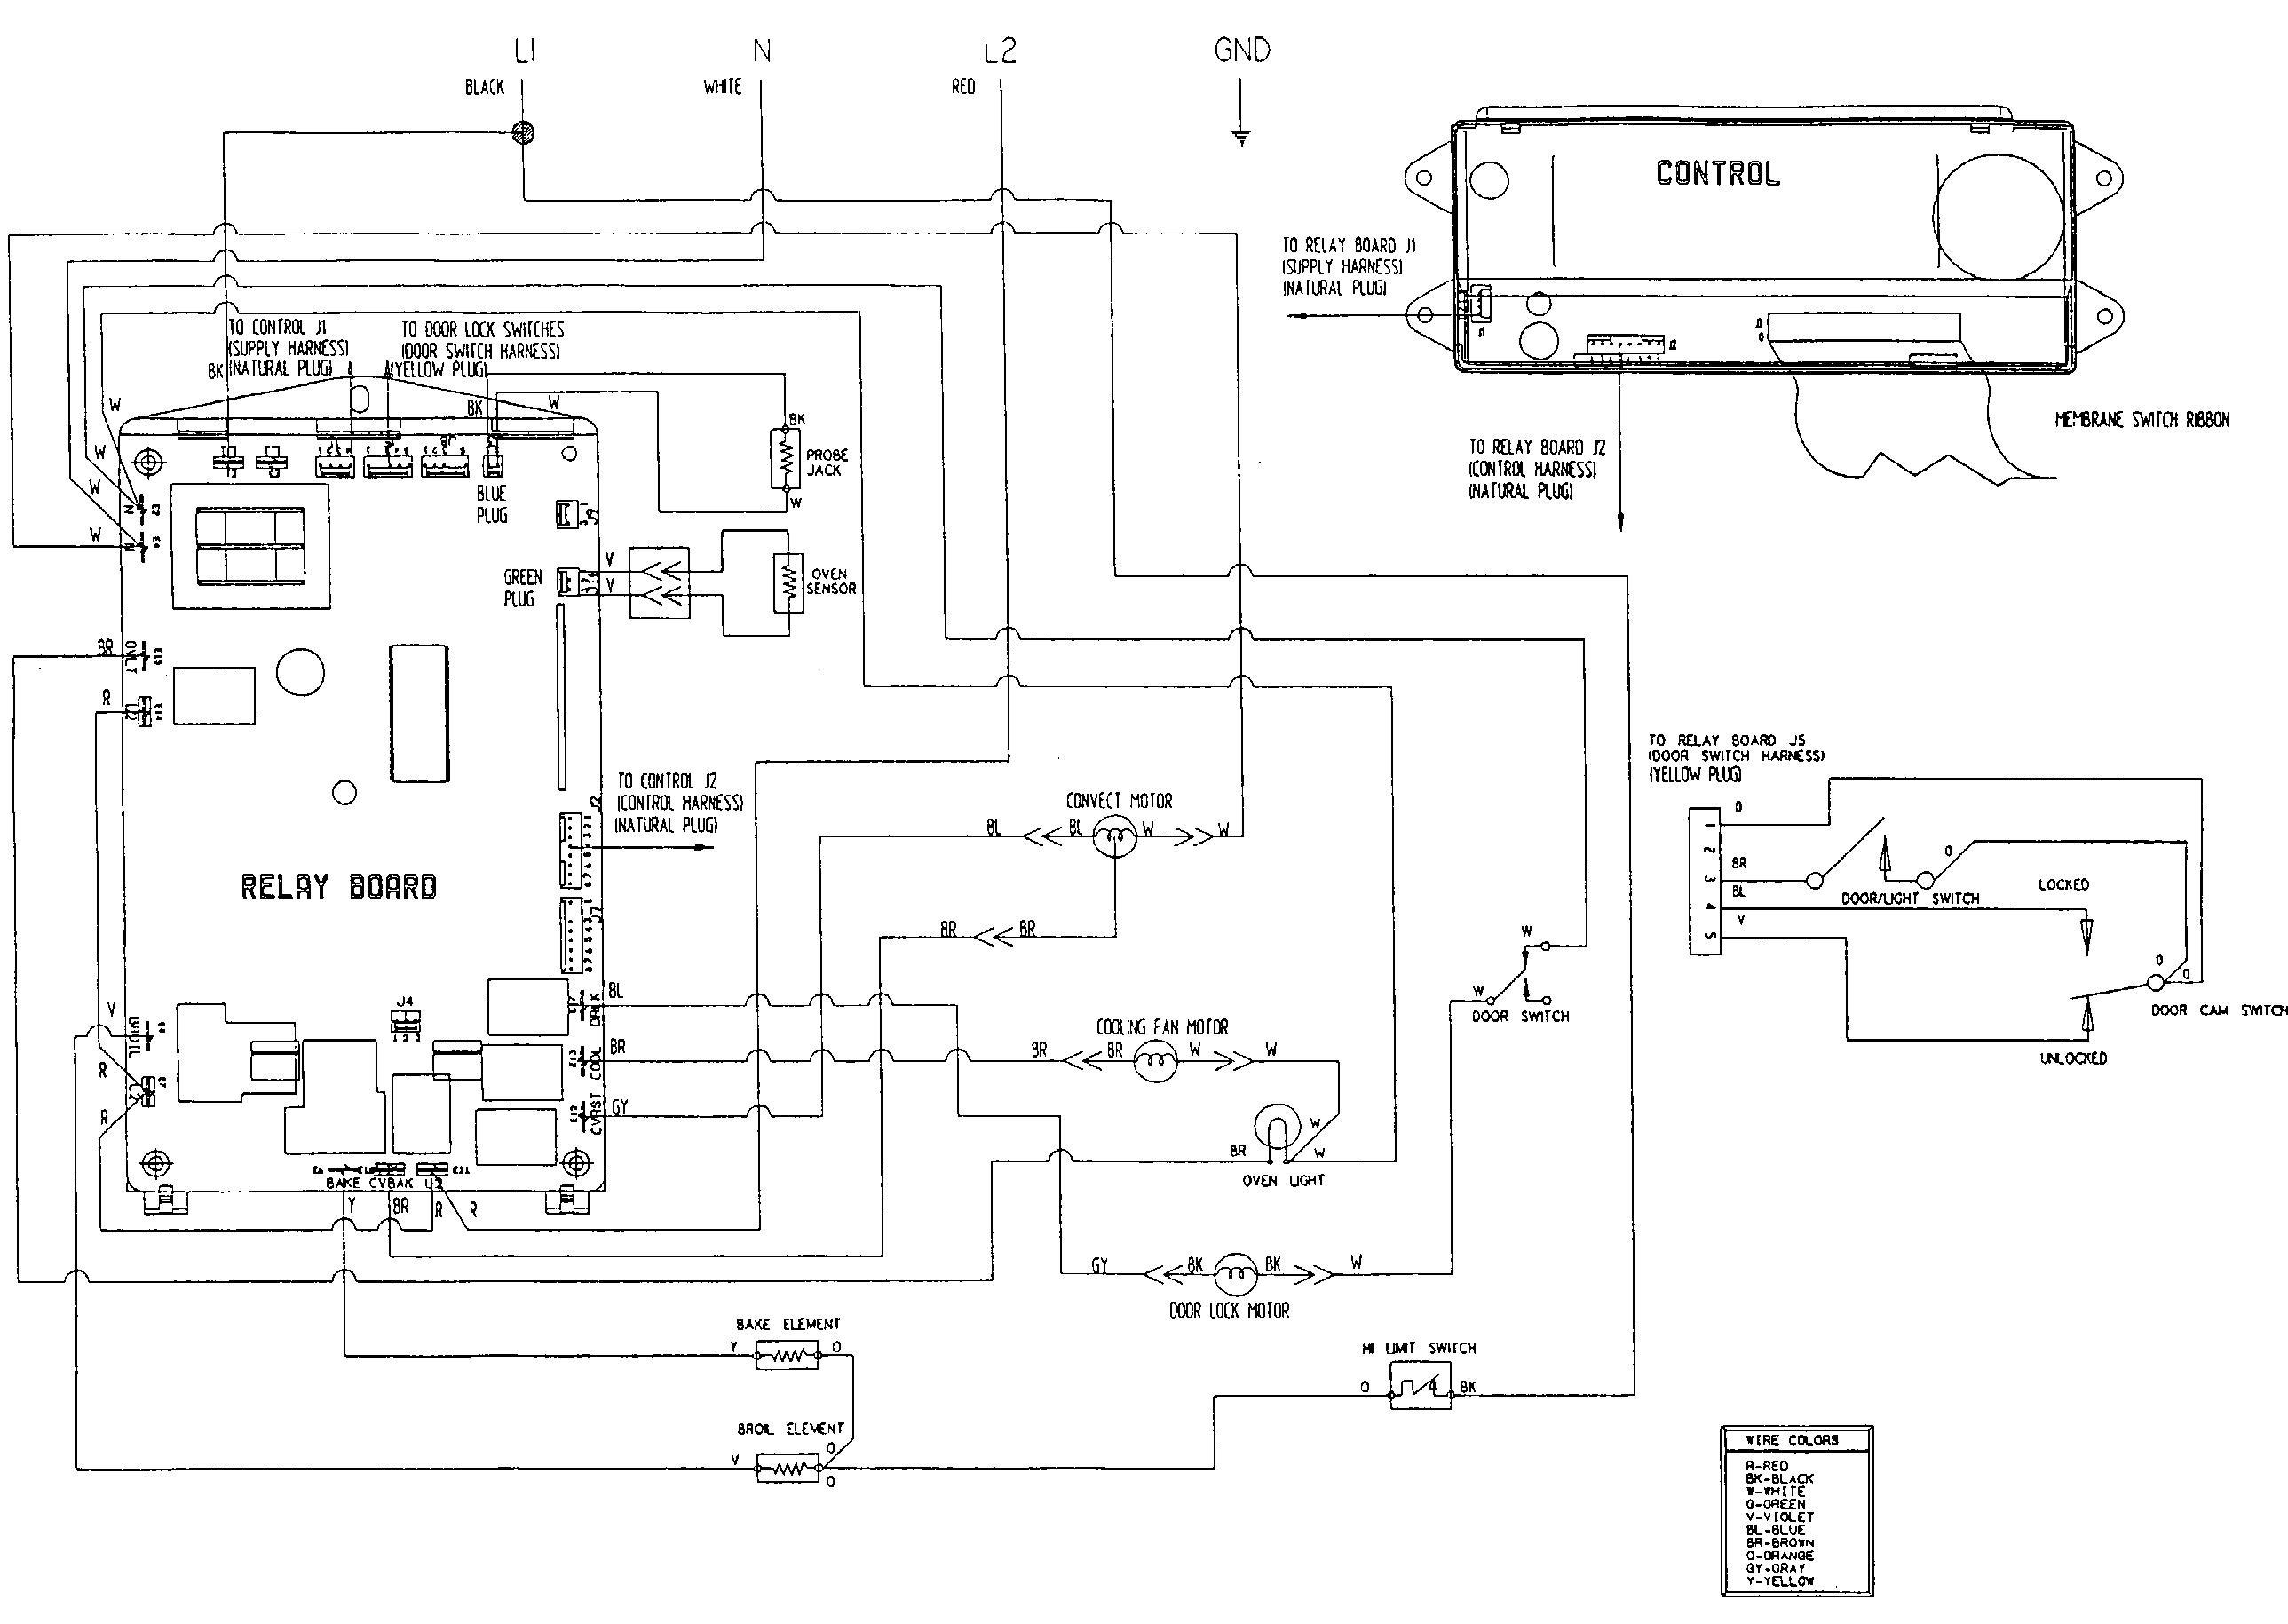 oven schematic wiring diagram [ 2577 x 1829 Pixel ]